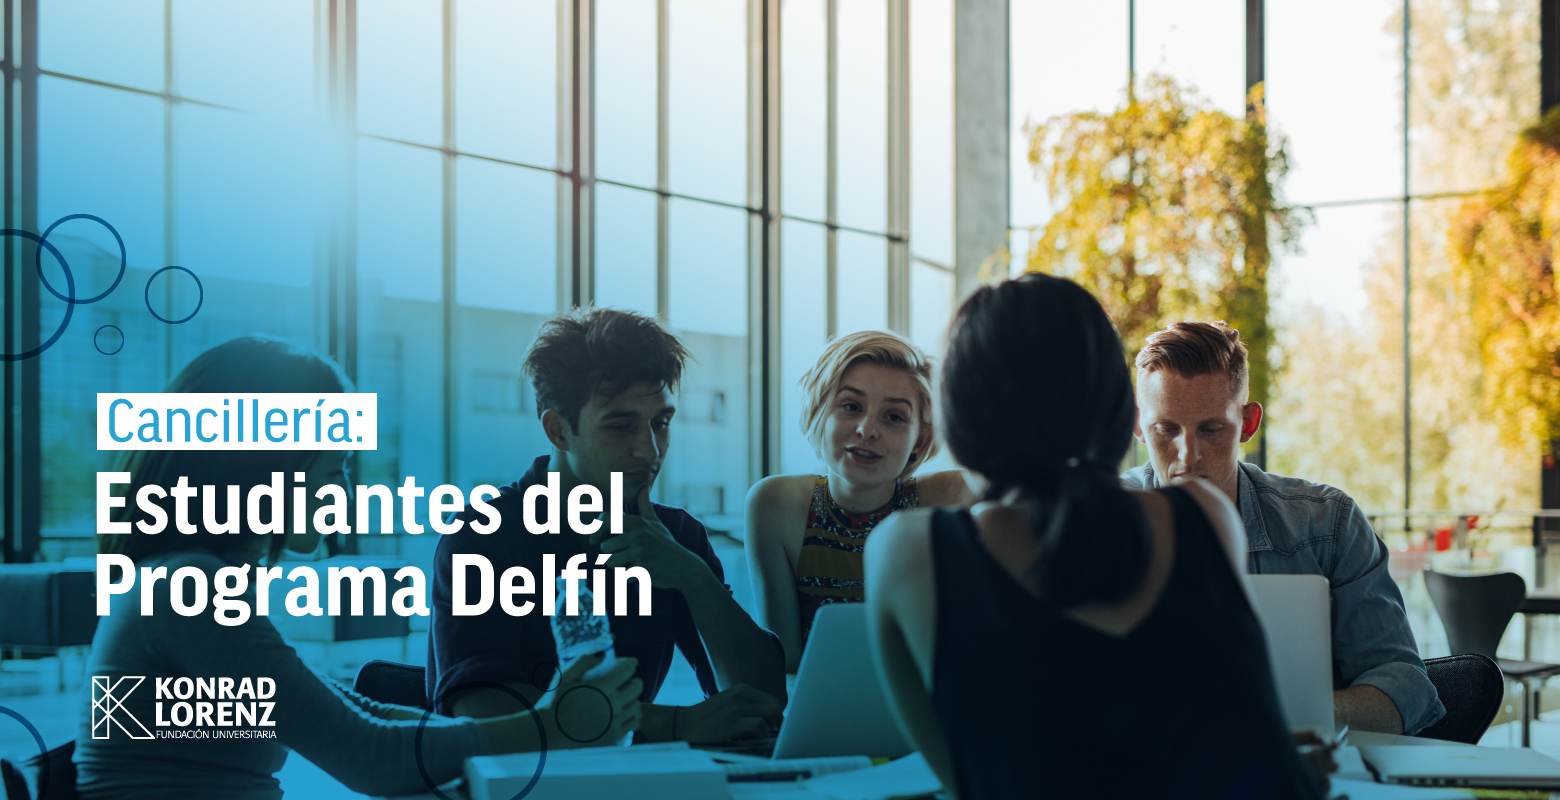 Cancillería: Estudiantes del Programa Delfín